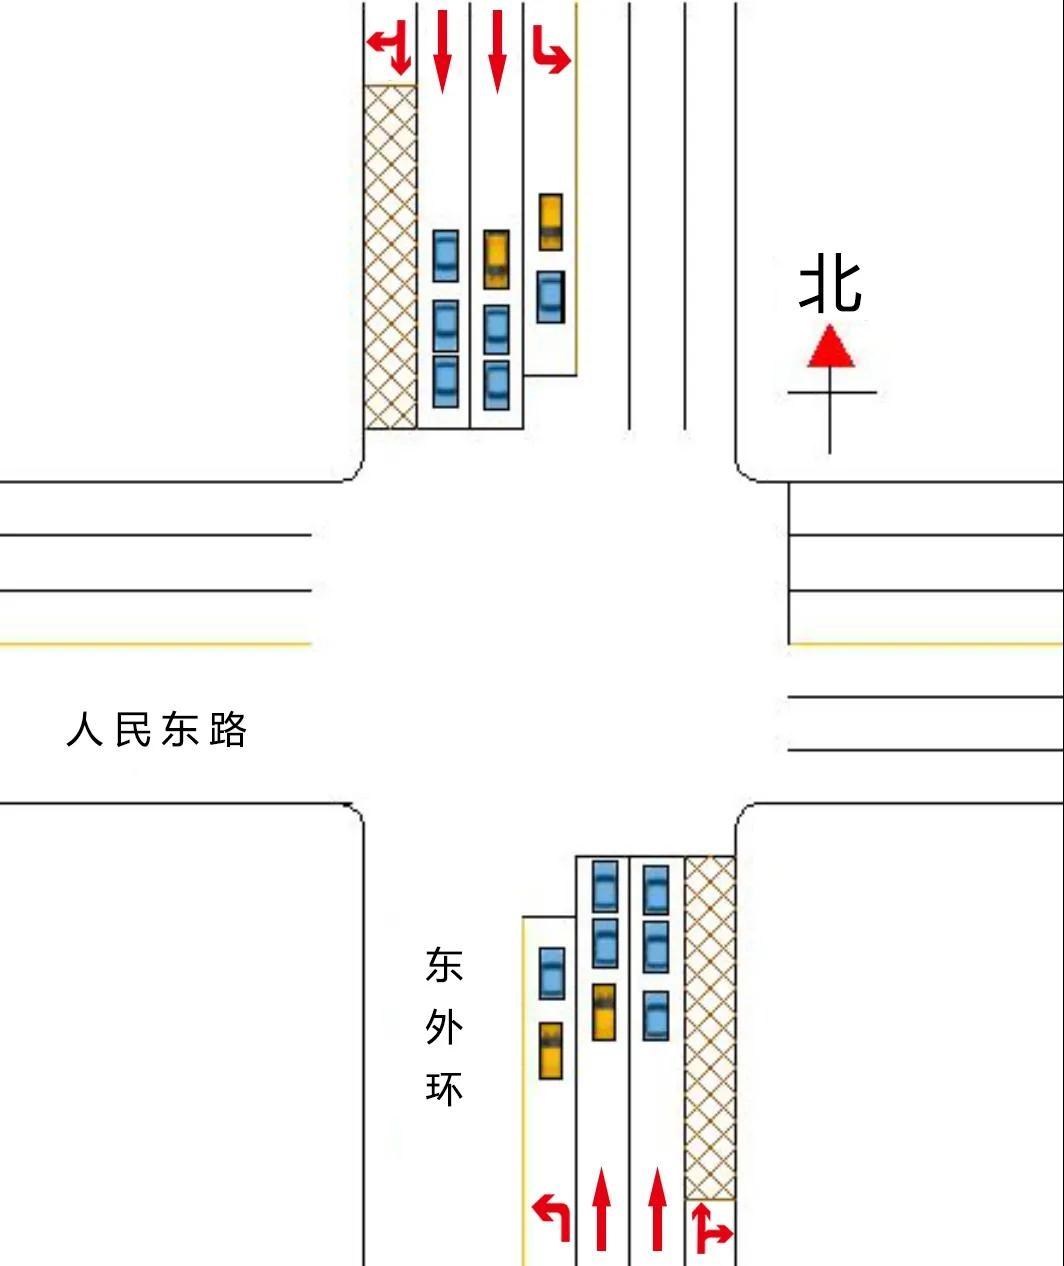 诸城东环路与人民路交叉路口右转直行车道拟施划黄色网状线